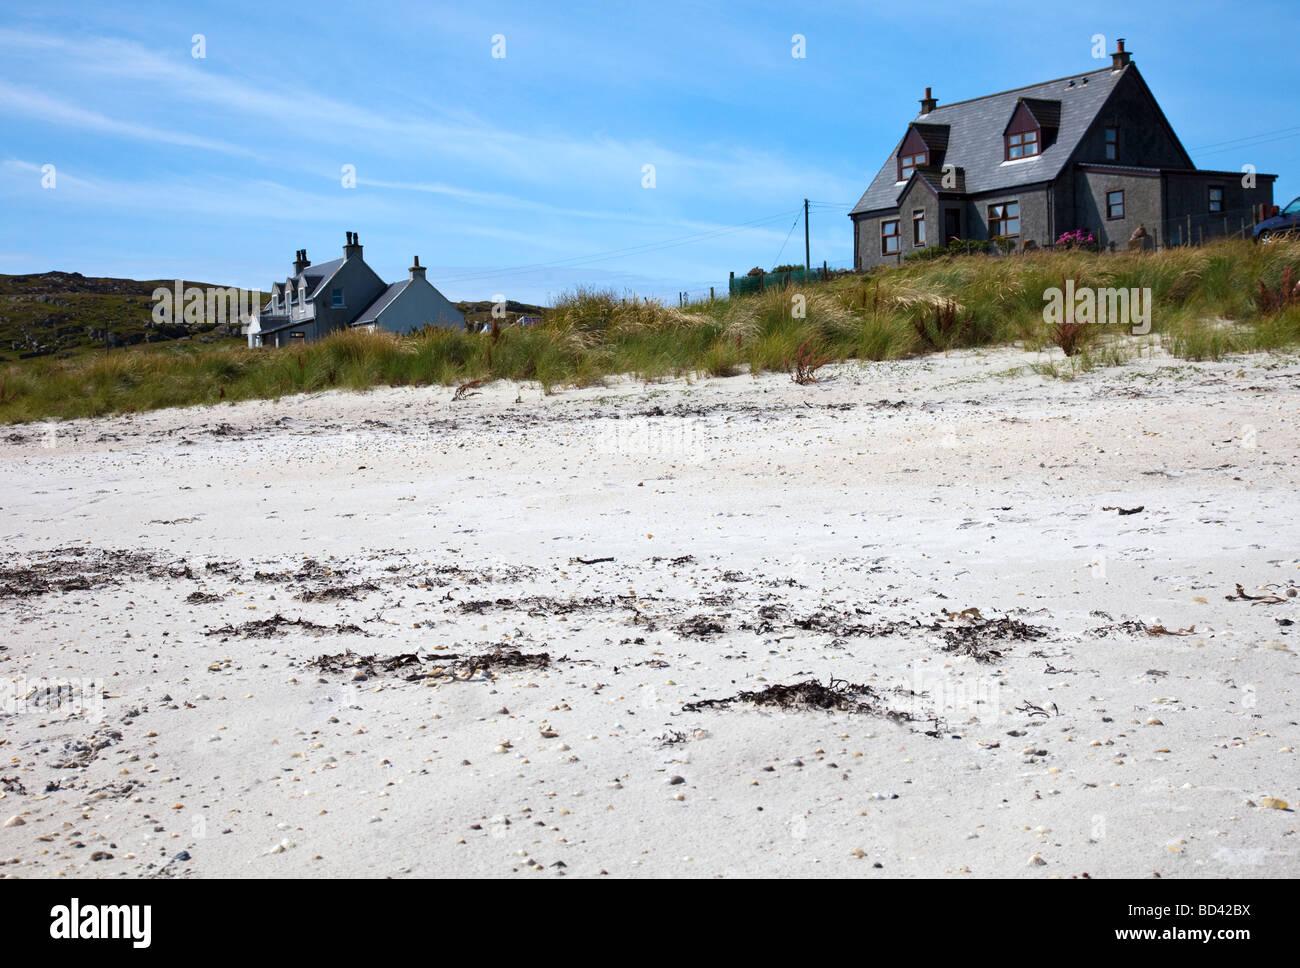 Houses on a sandy beach on the Inner Hebridean island of Iona, Argyll, Scotland - Stock Image